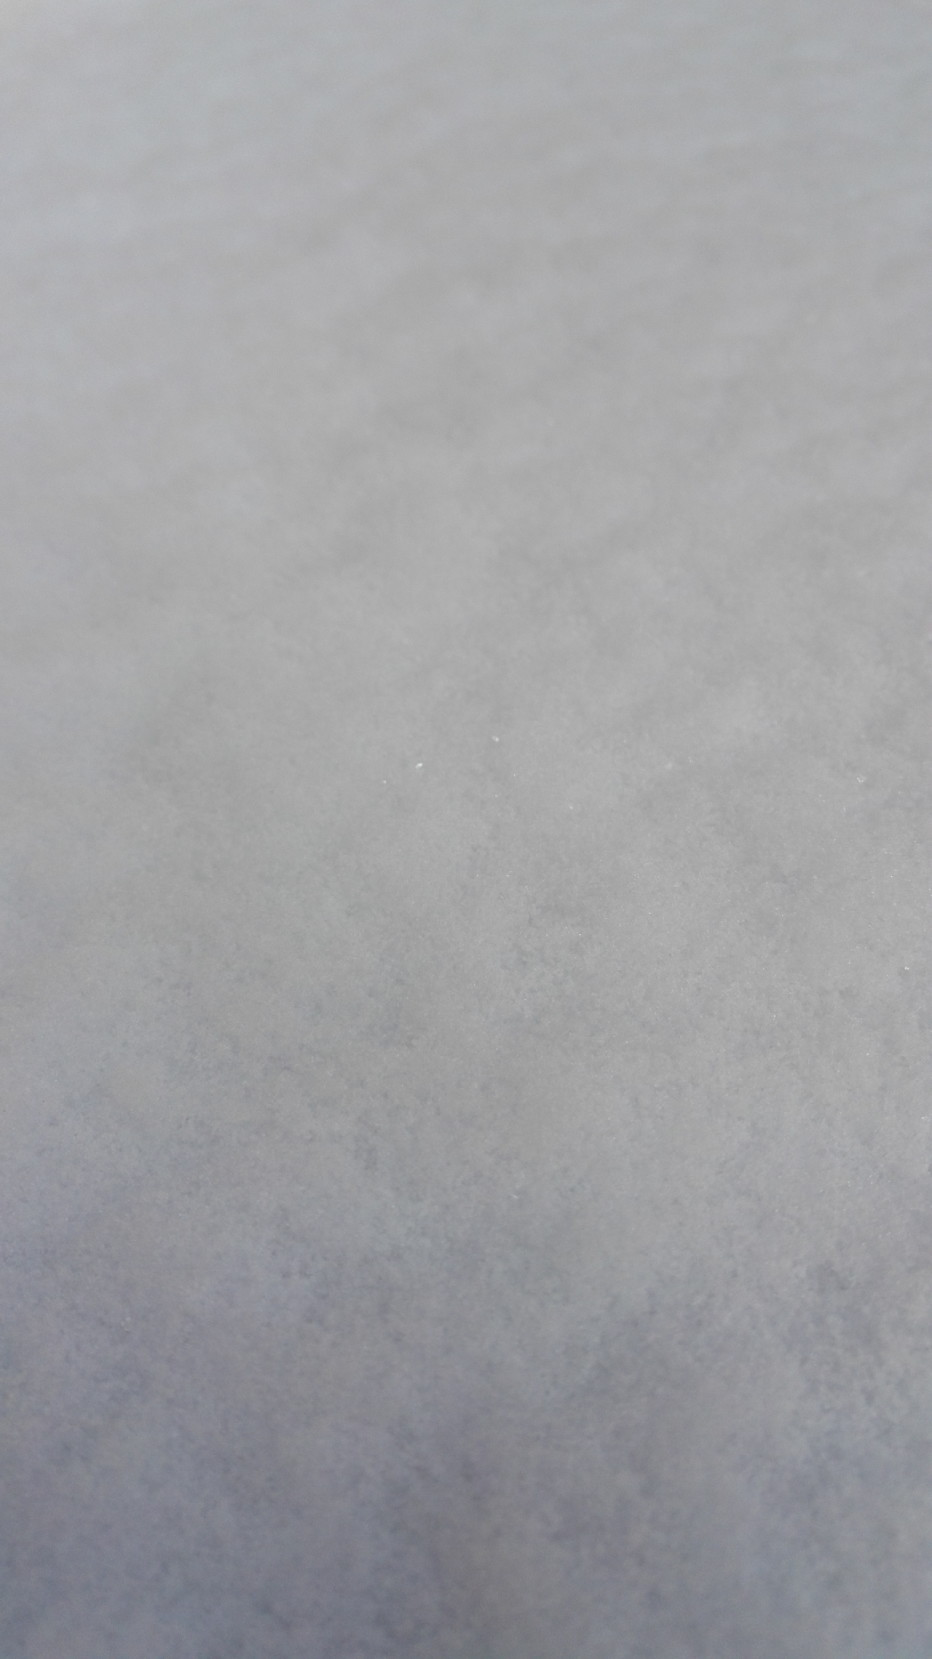 Dolomiti Neve al Suolo del 03 gennaio 2016